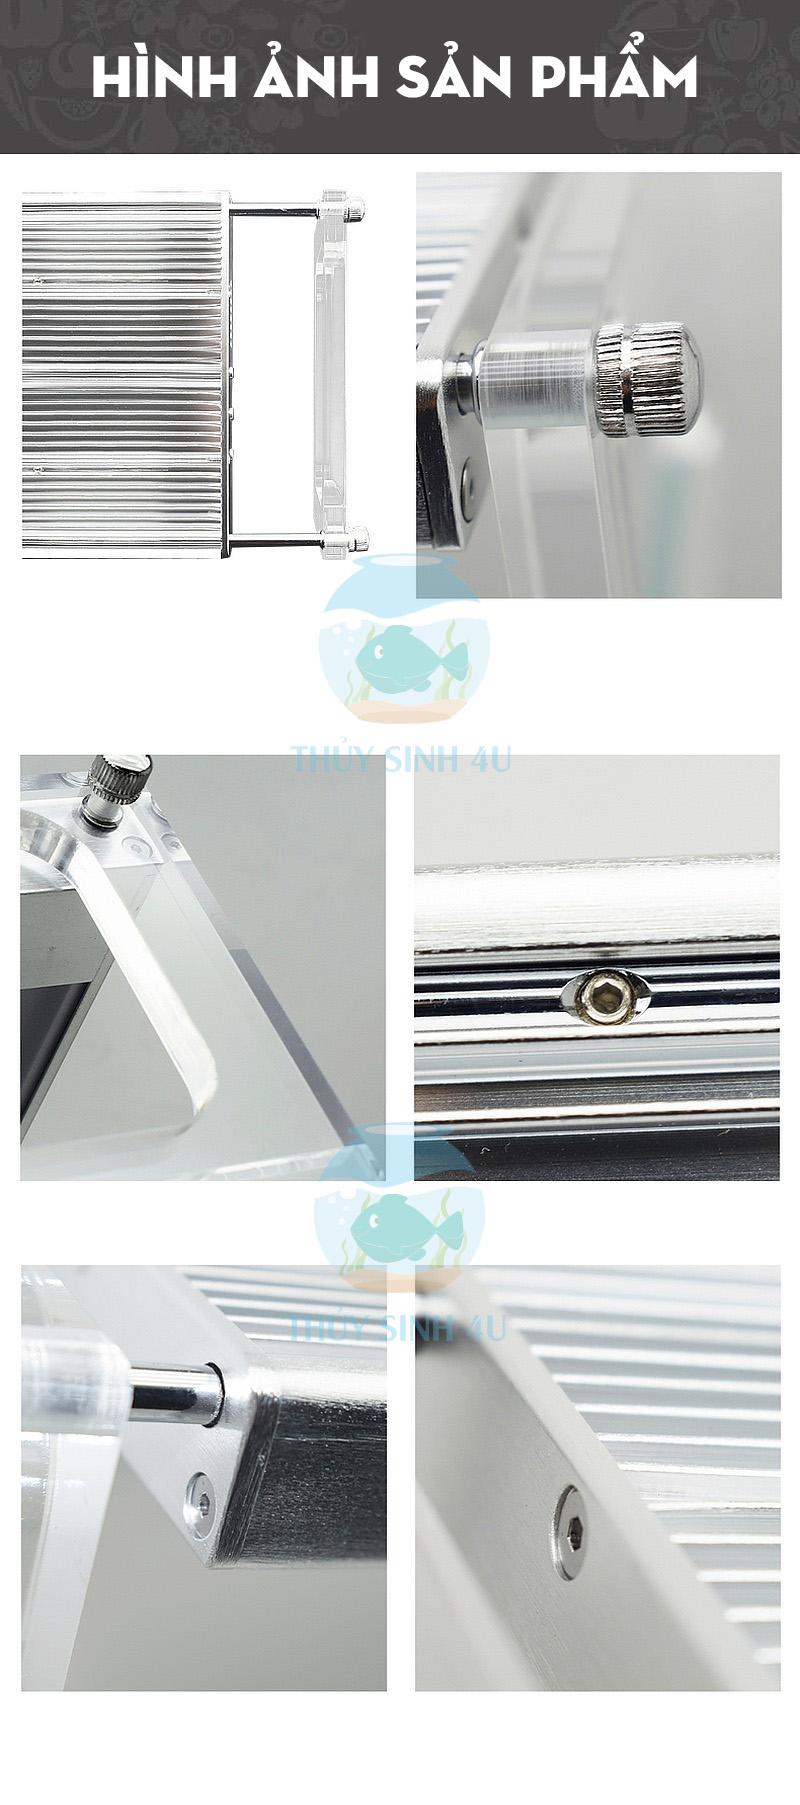 hình ảnh sản phẩm WEEK PHOENIX P900 WRGB